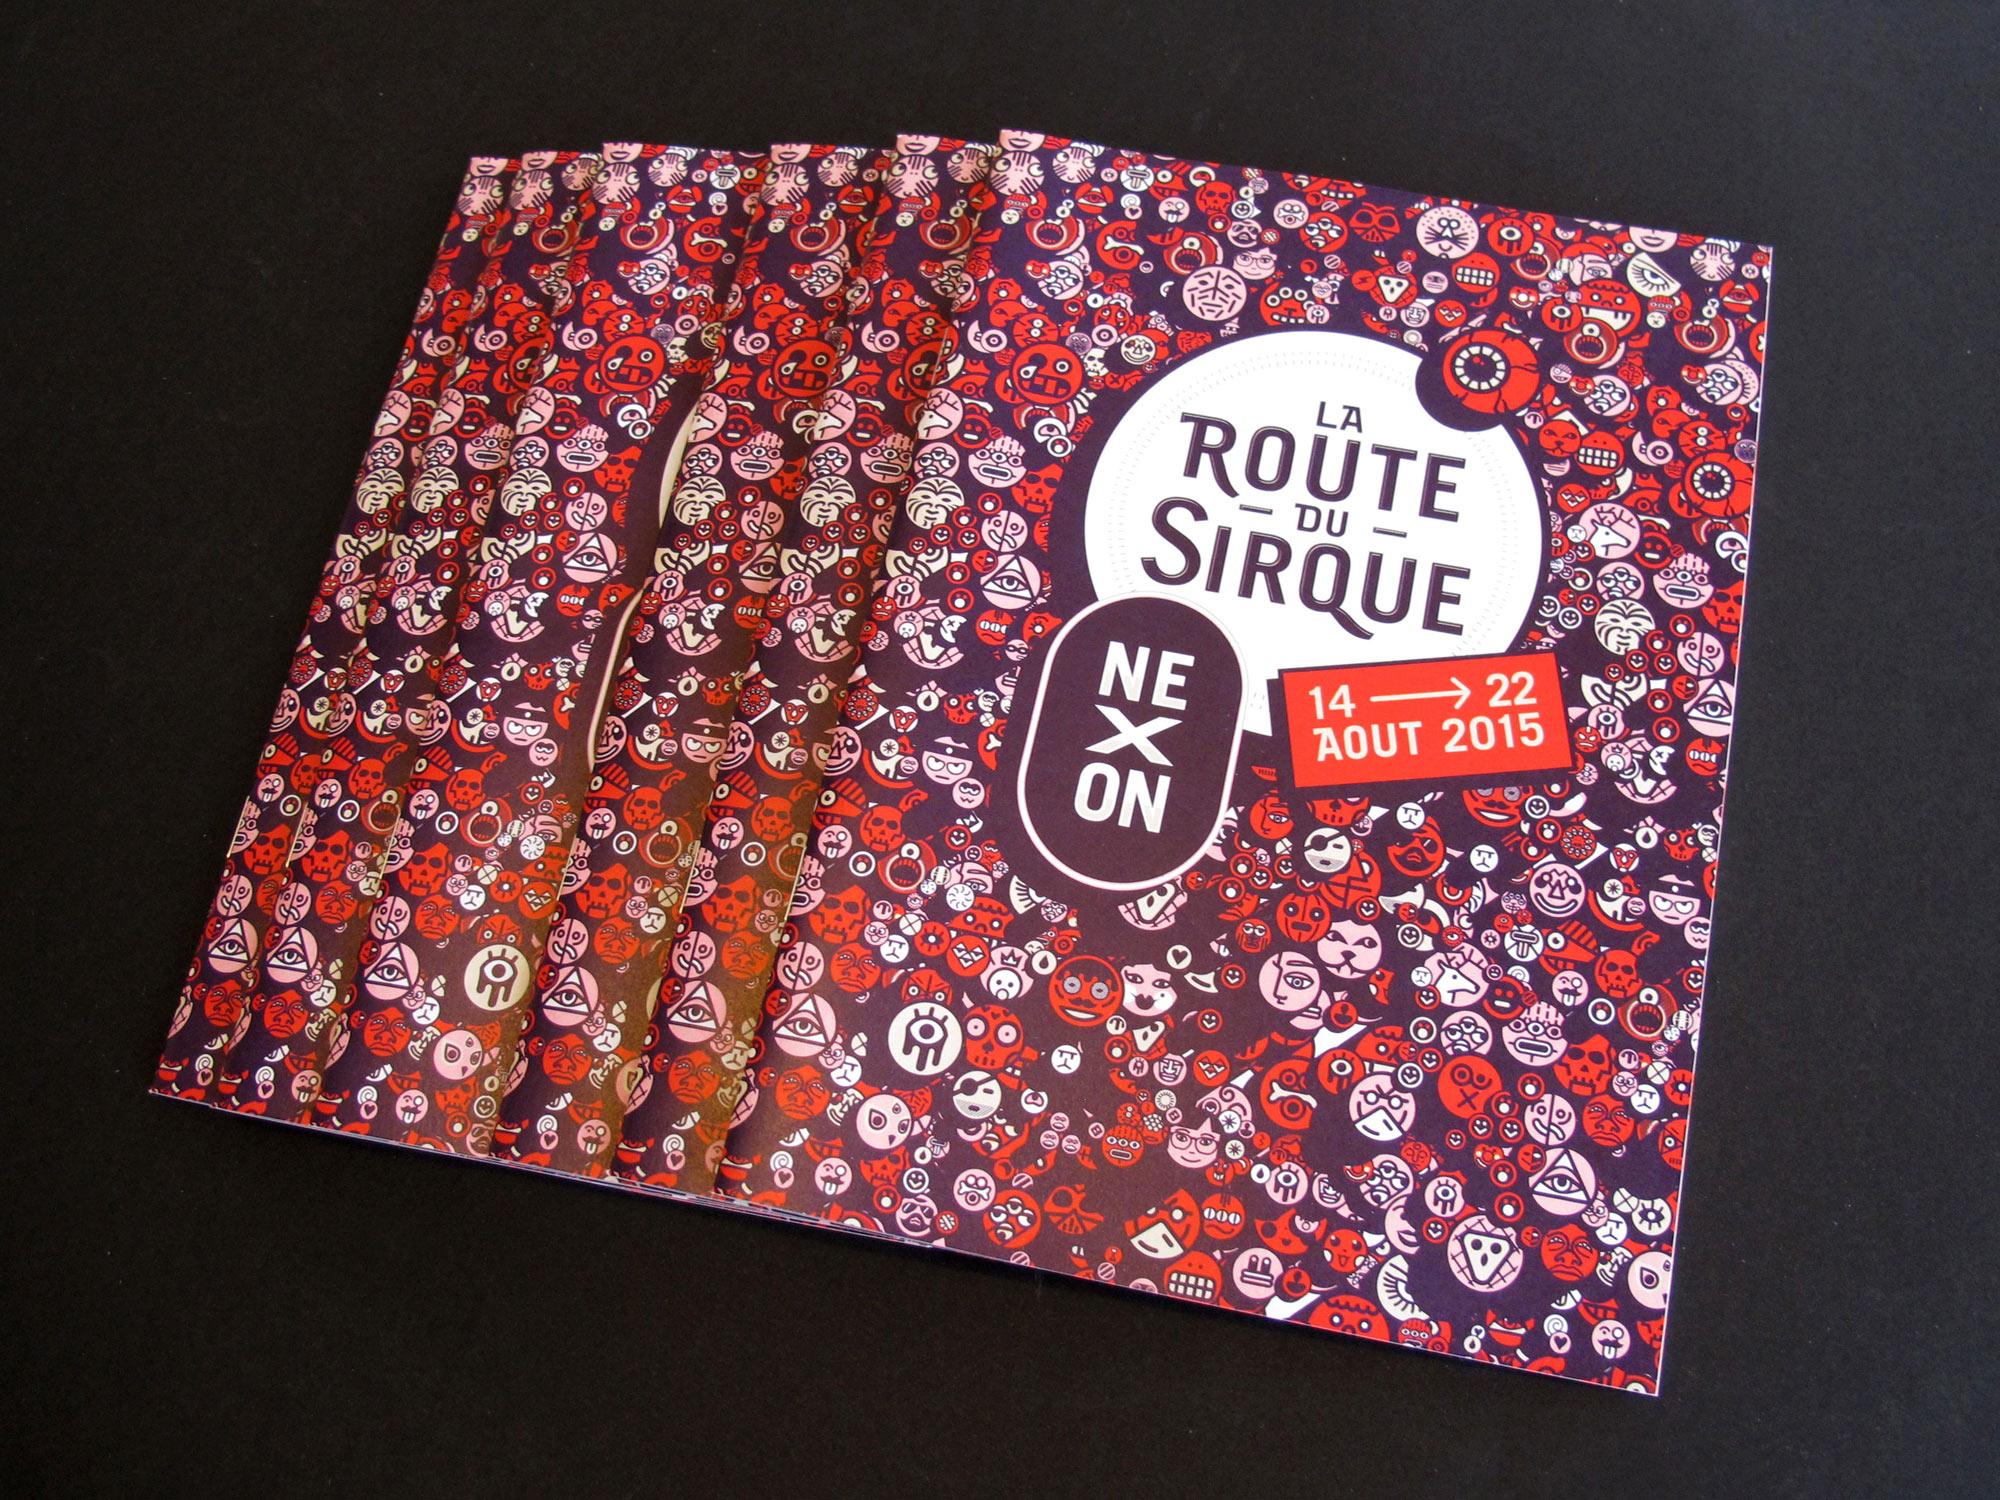 http://a-aa.fr/projet/la-route-du-sirque-2015/